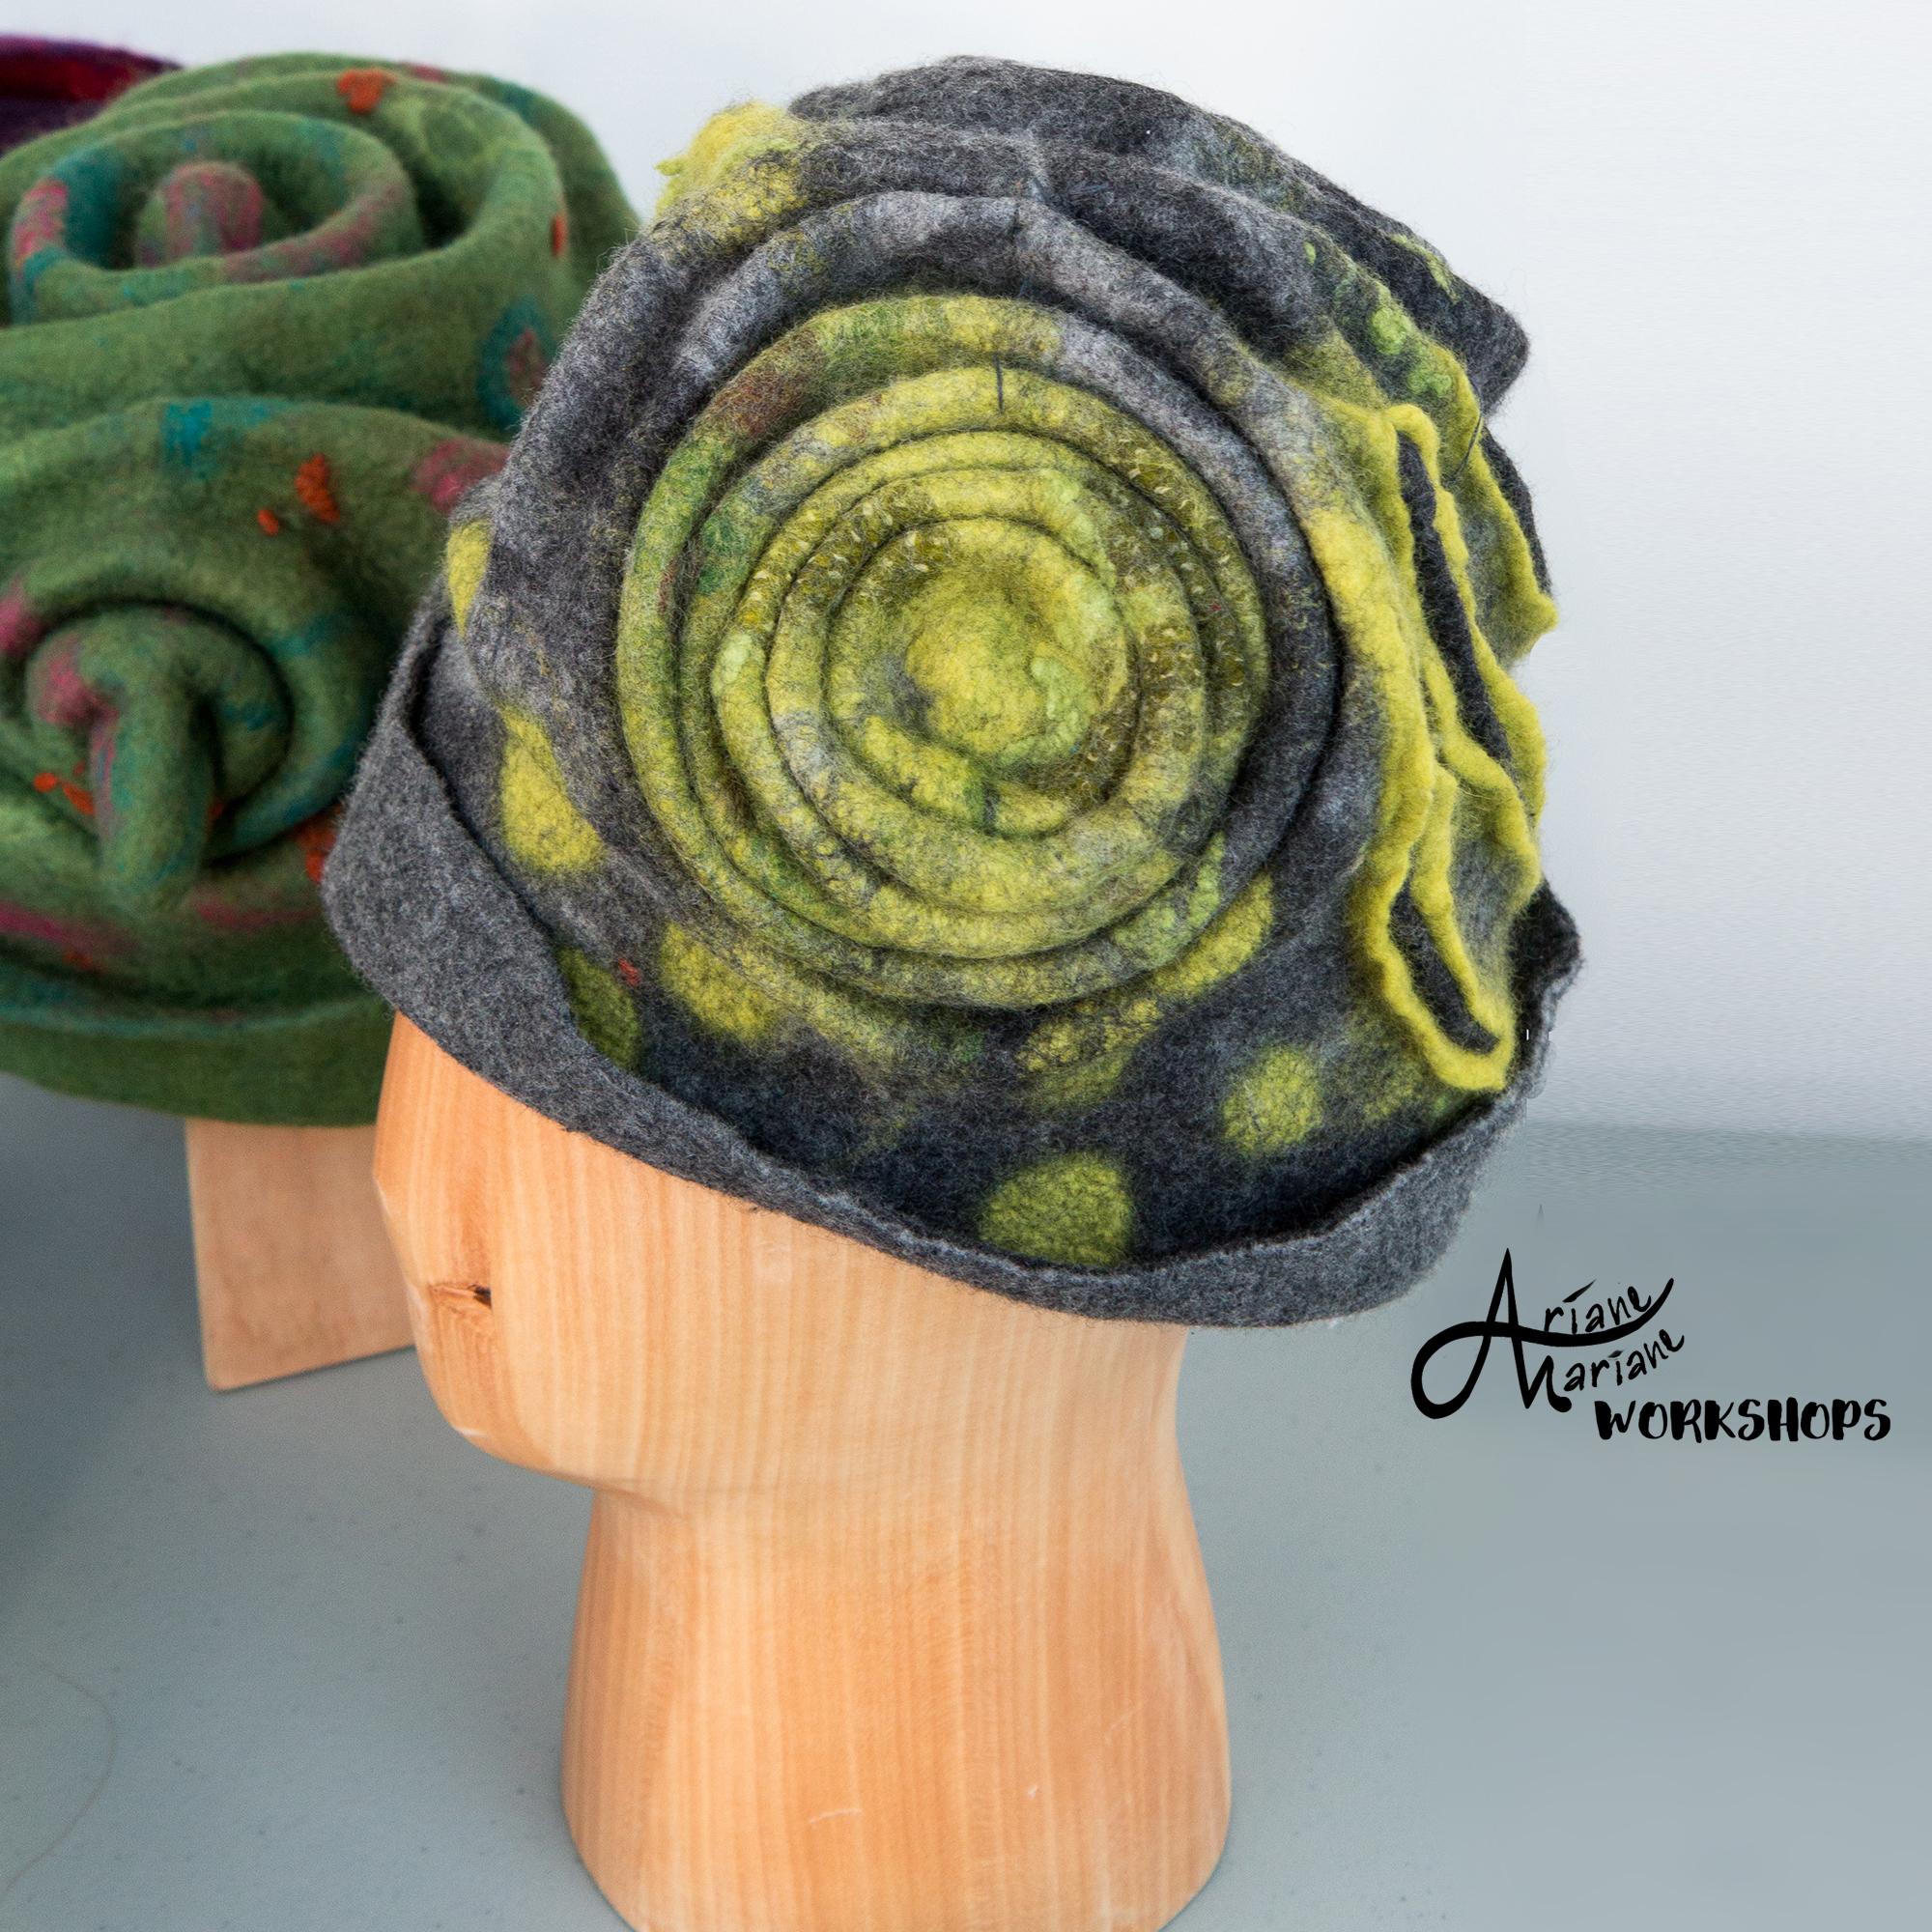 Felt-hat-workshop-ariane-mariane.jpg